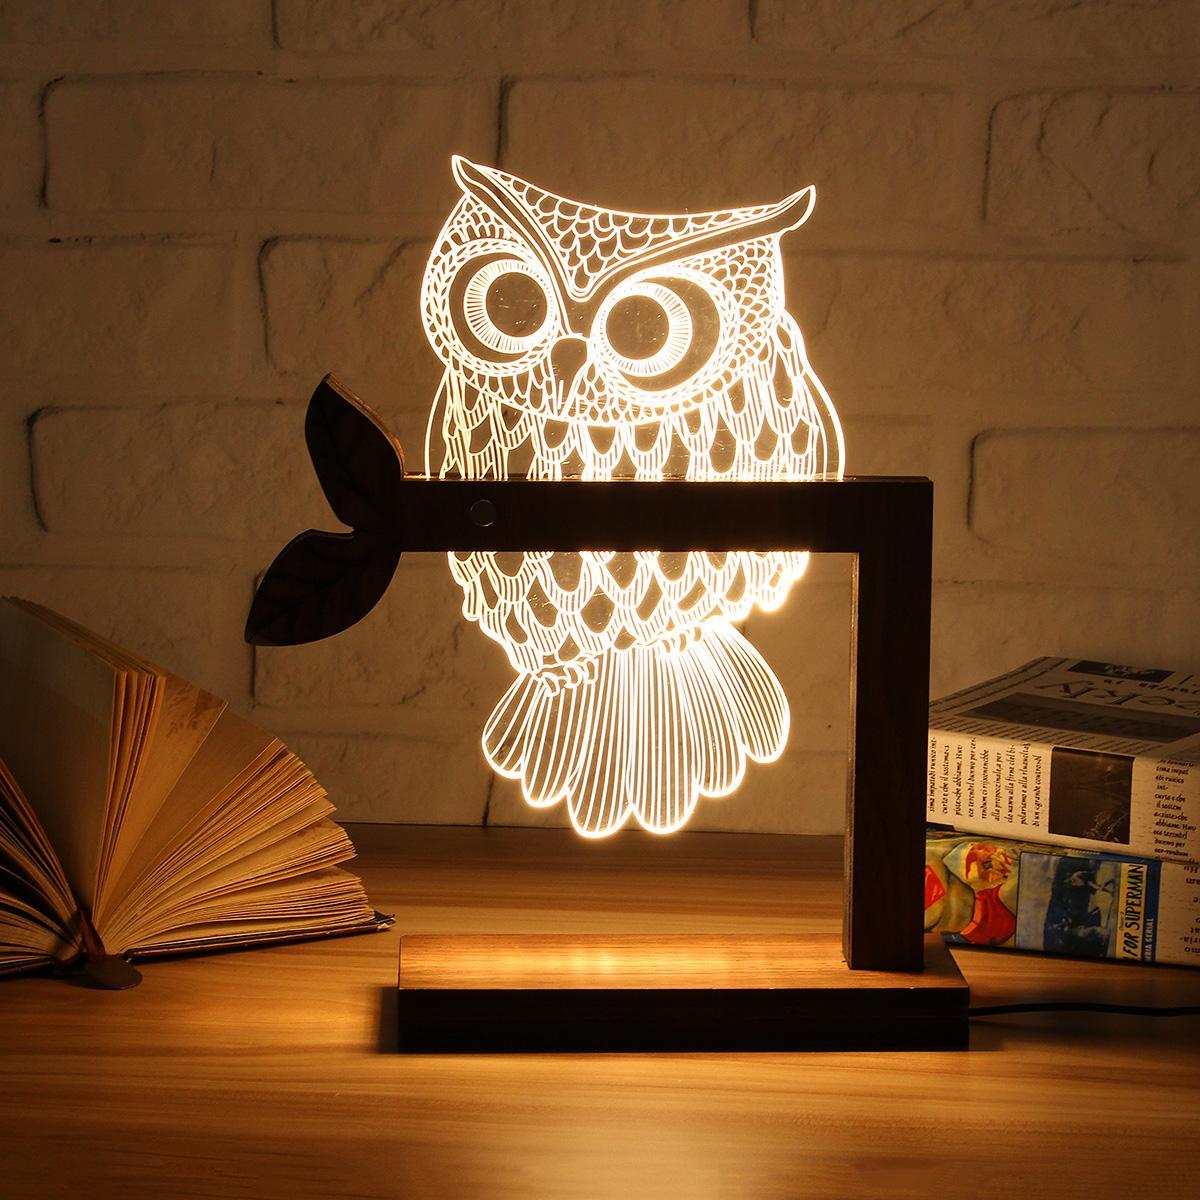 USB di legno 3D LED Farfalla Animale GUFO di Notte Calda Tavolo Lampade di Illuminazione Camera Da Letto Home Decor Regalo Di Compleanno